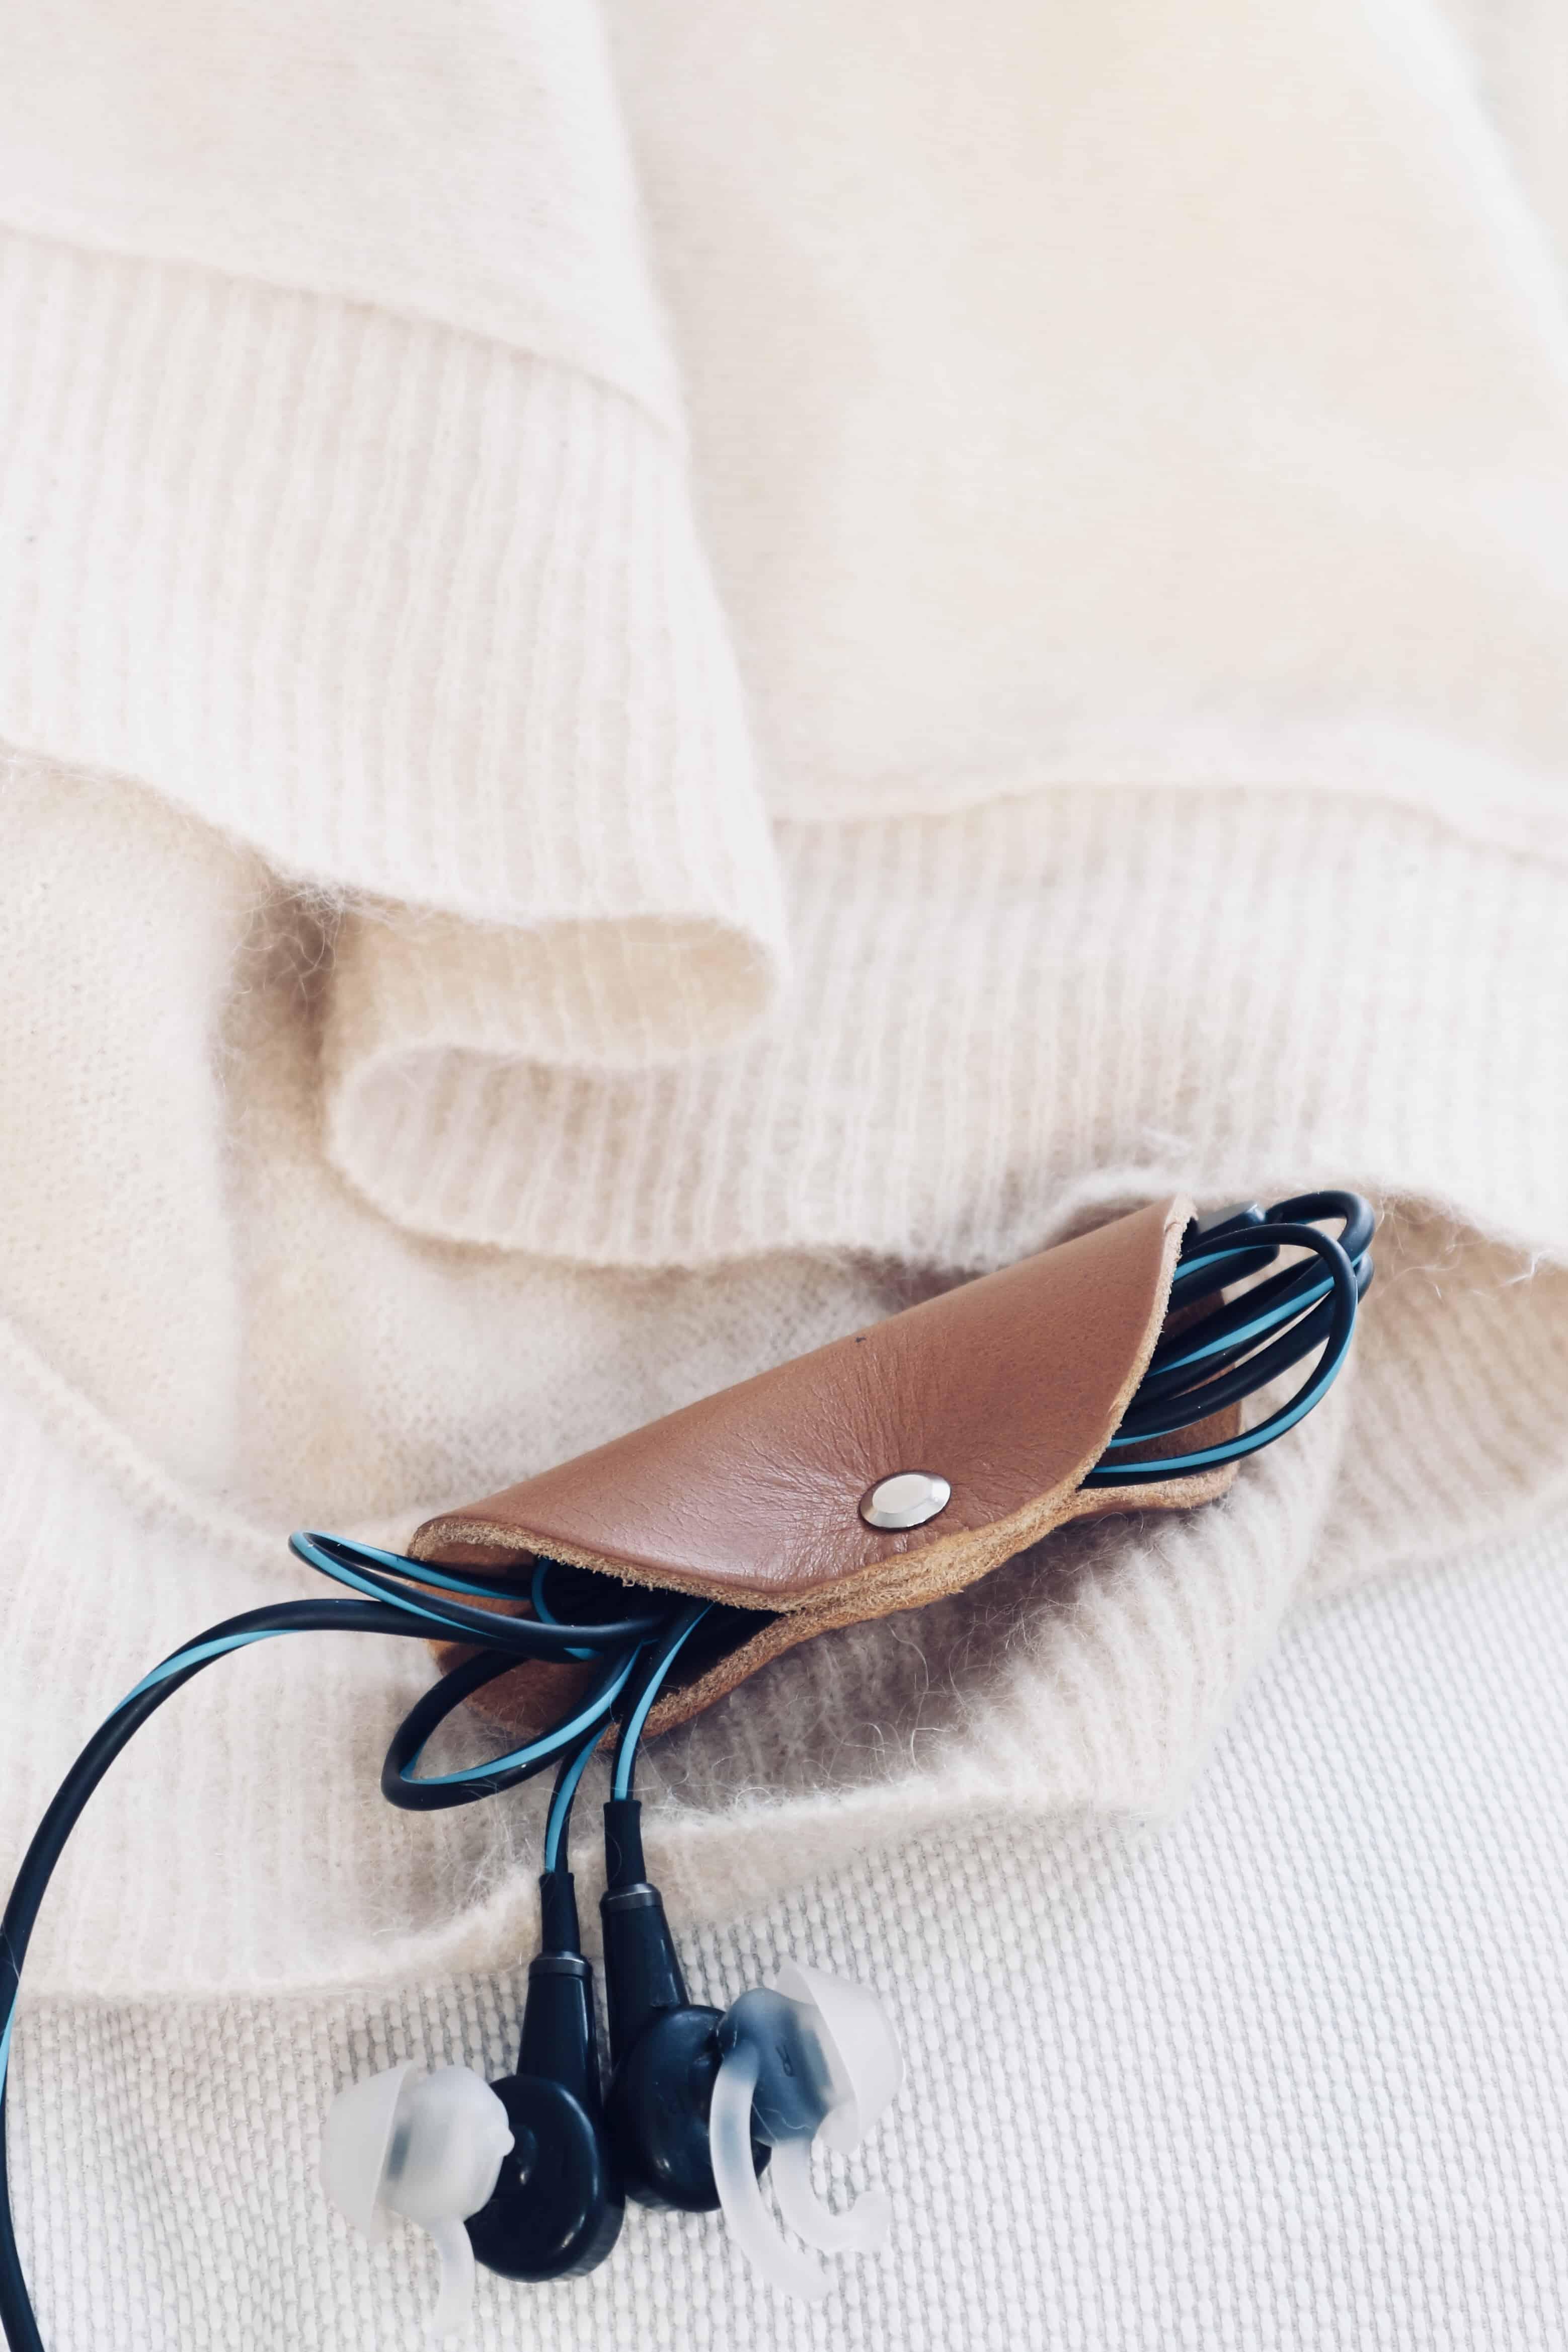 DIY: Gör en sladdhållare i läder som håller ditt headset trasselfritt